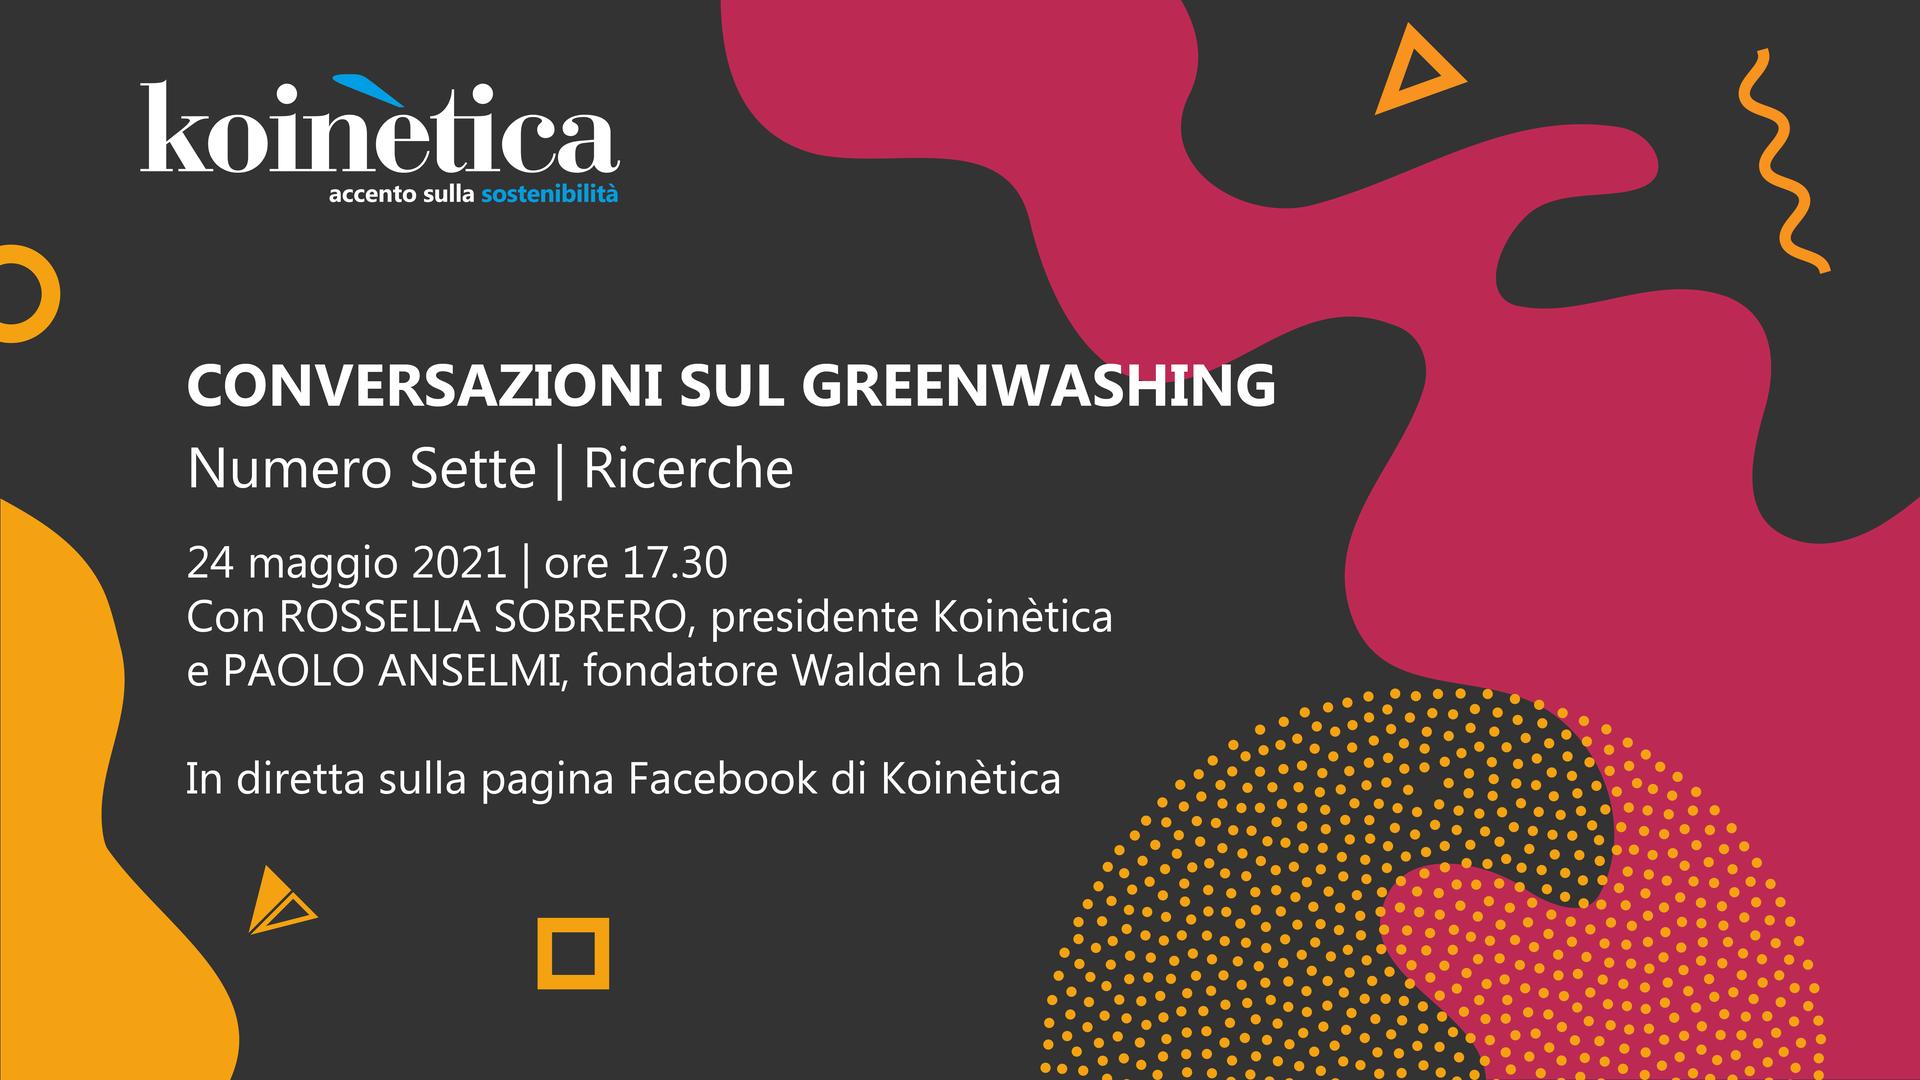 CONVERSAZIONI SUL GREENWASHING - Focus ricerche - lunedì 24 maggio 2021 - ore 17.30